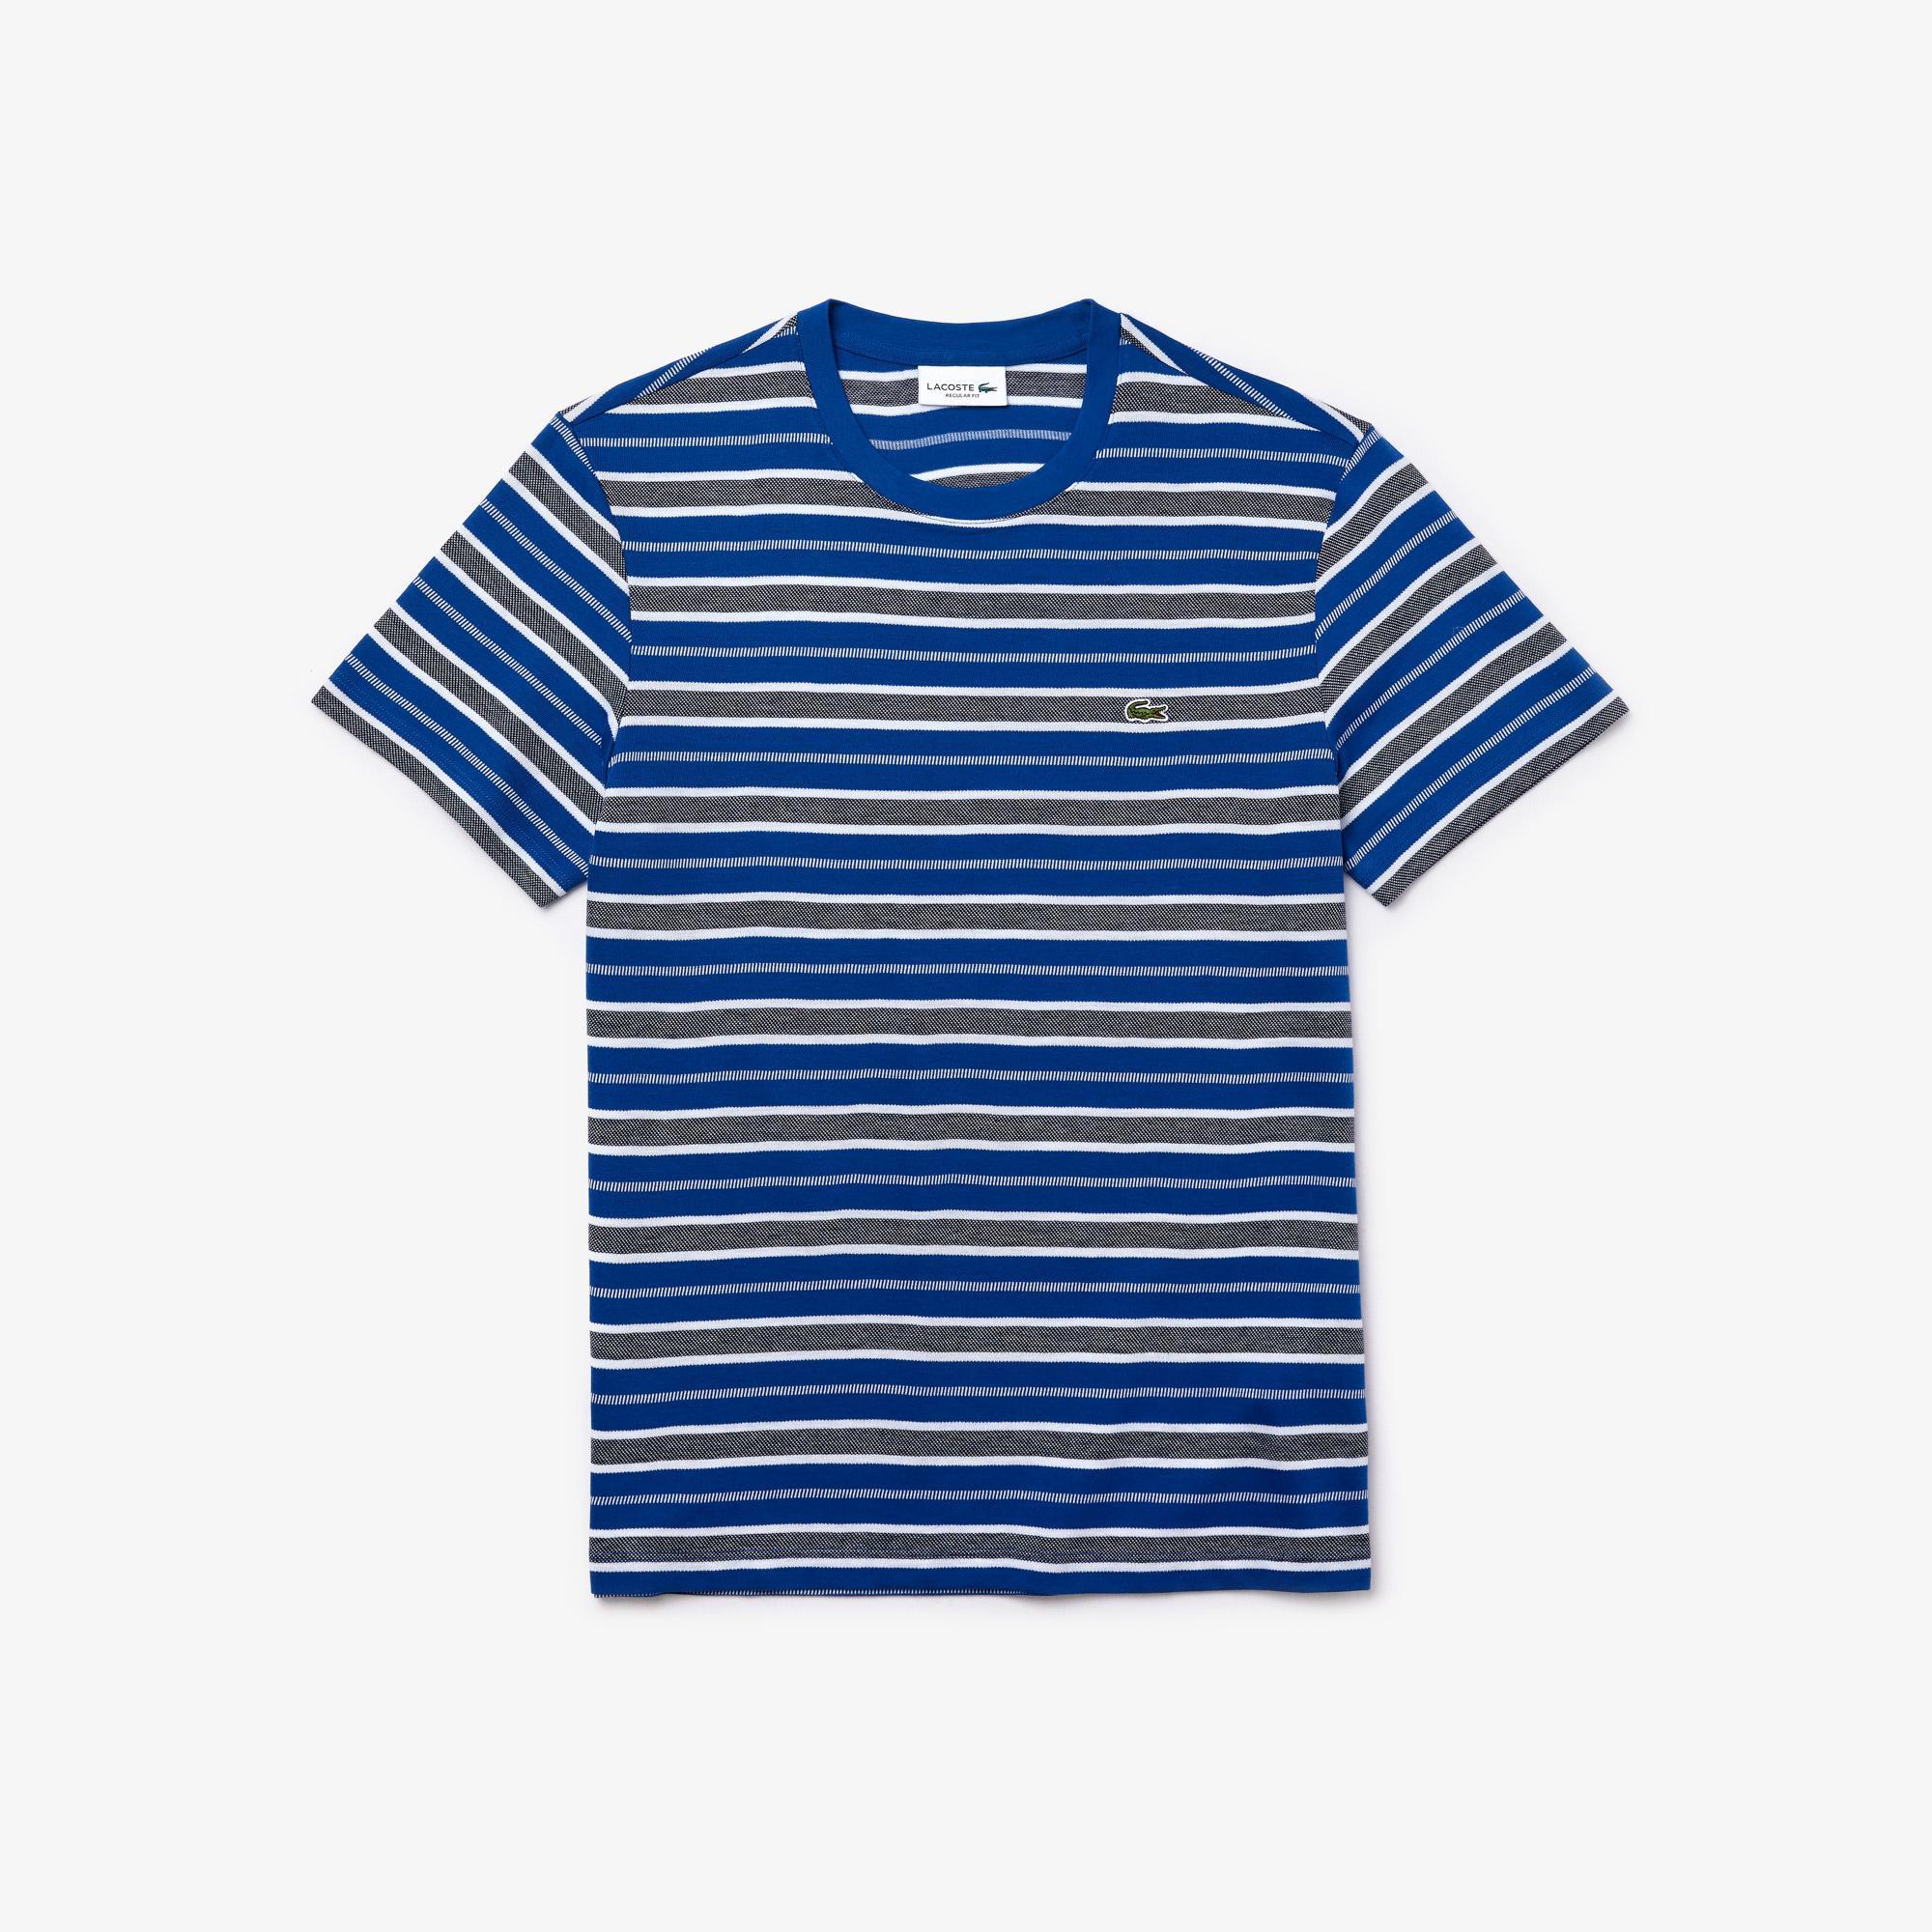 Lacoste Men's Striped Crew Neck T-Shirt